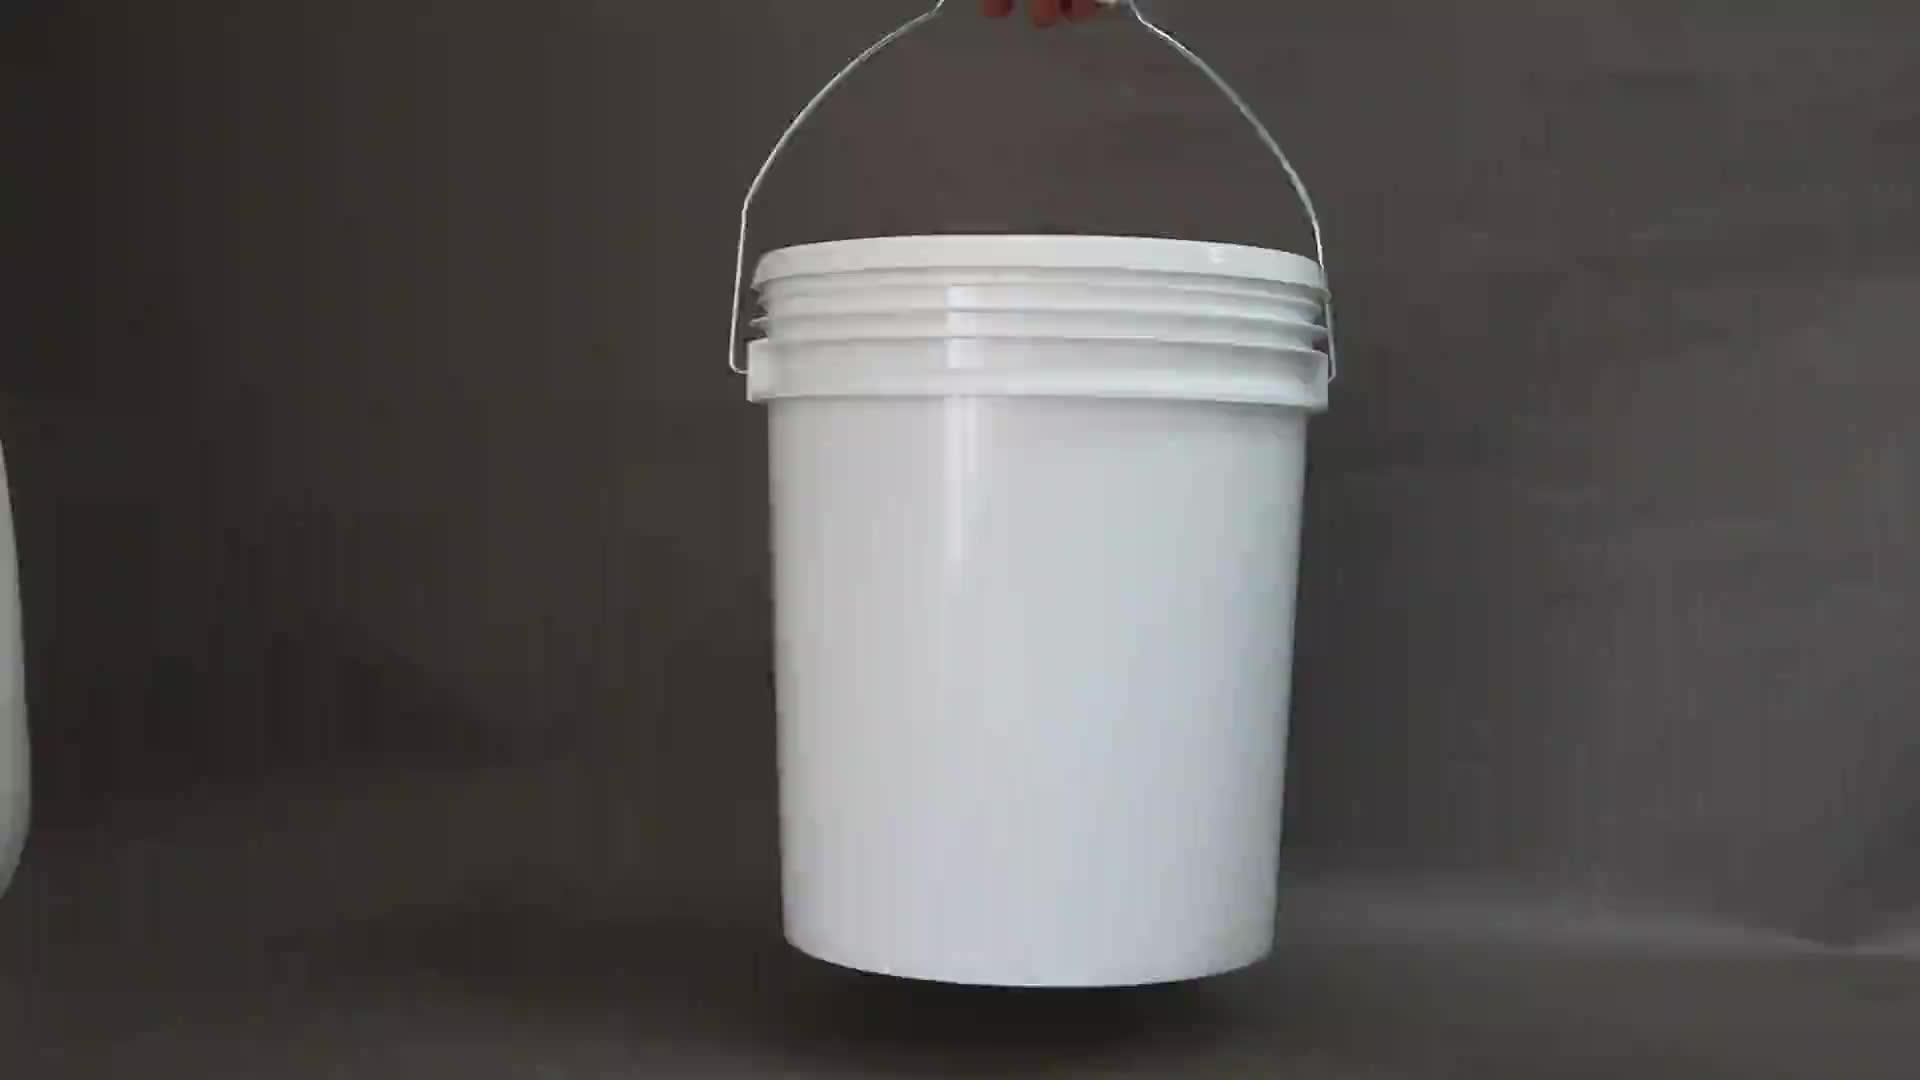 INNOPACK عالية الجودة 19L دلو بلاستيكي مع غطاء